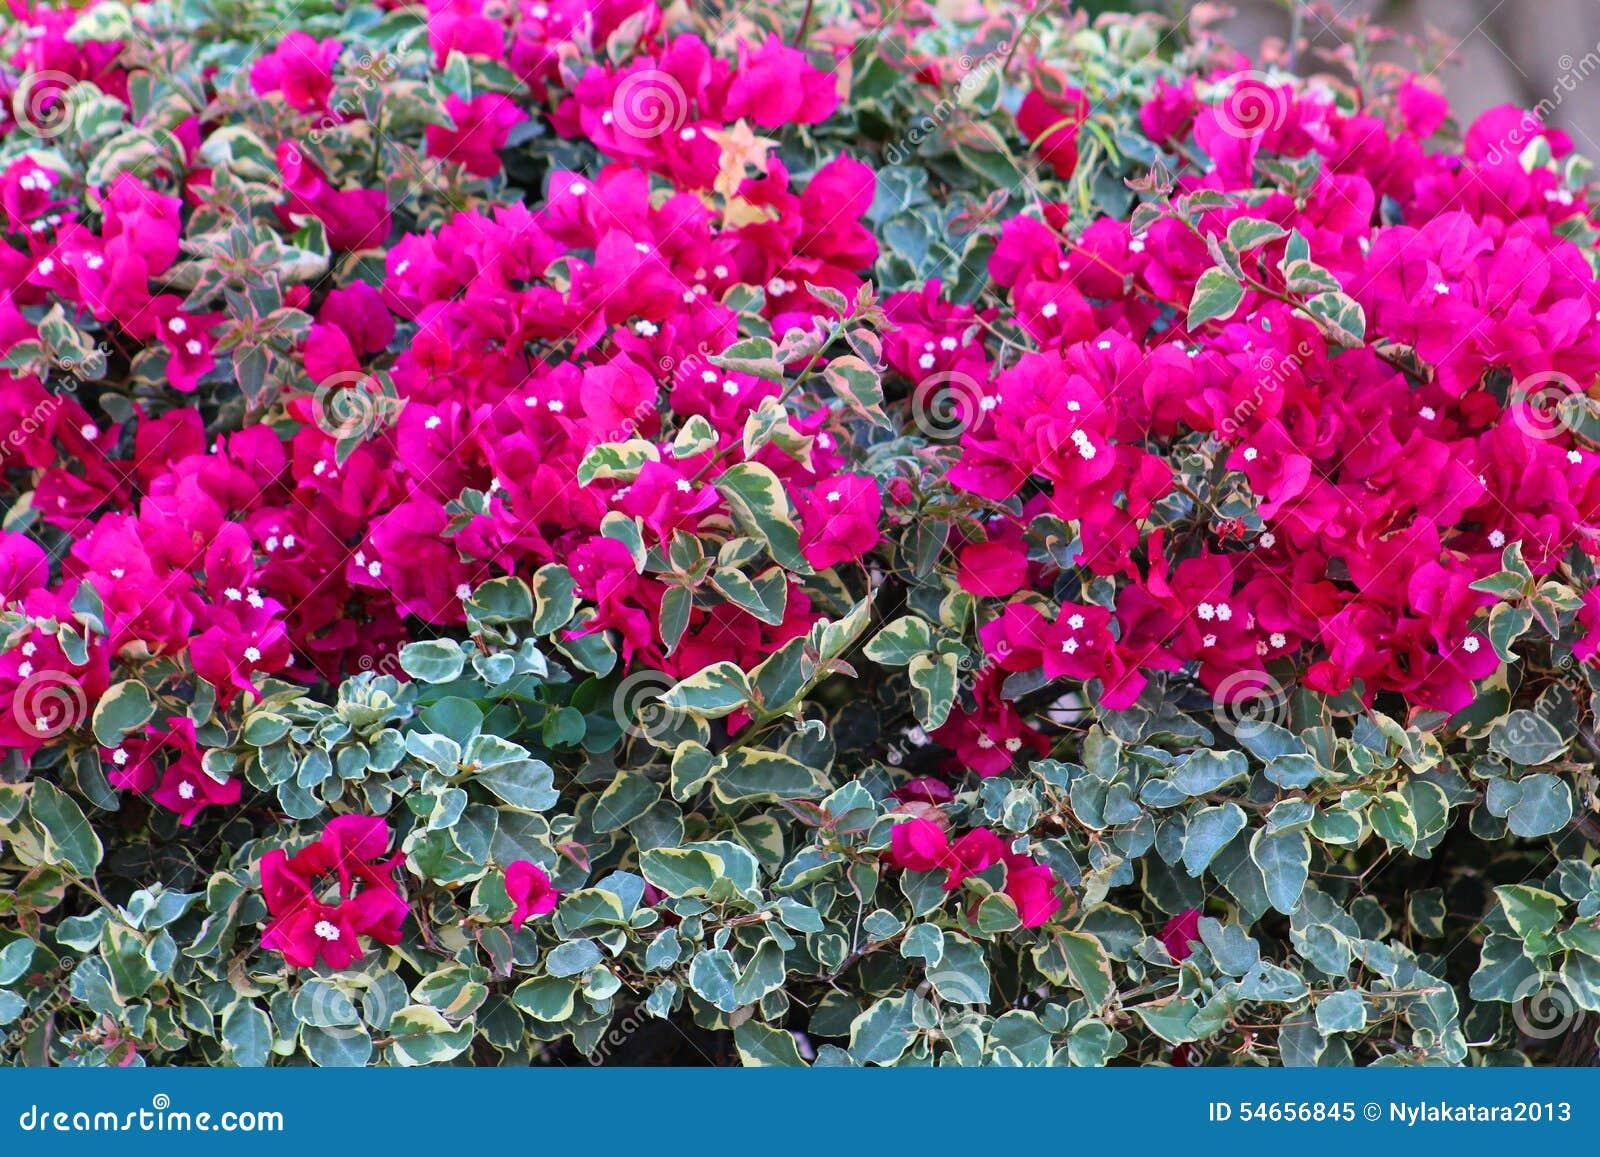 Bougainvillea stock image Image of hybrids pruned